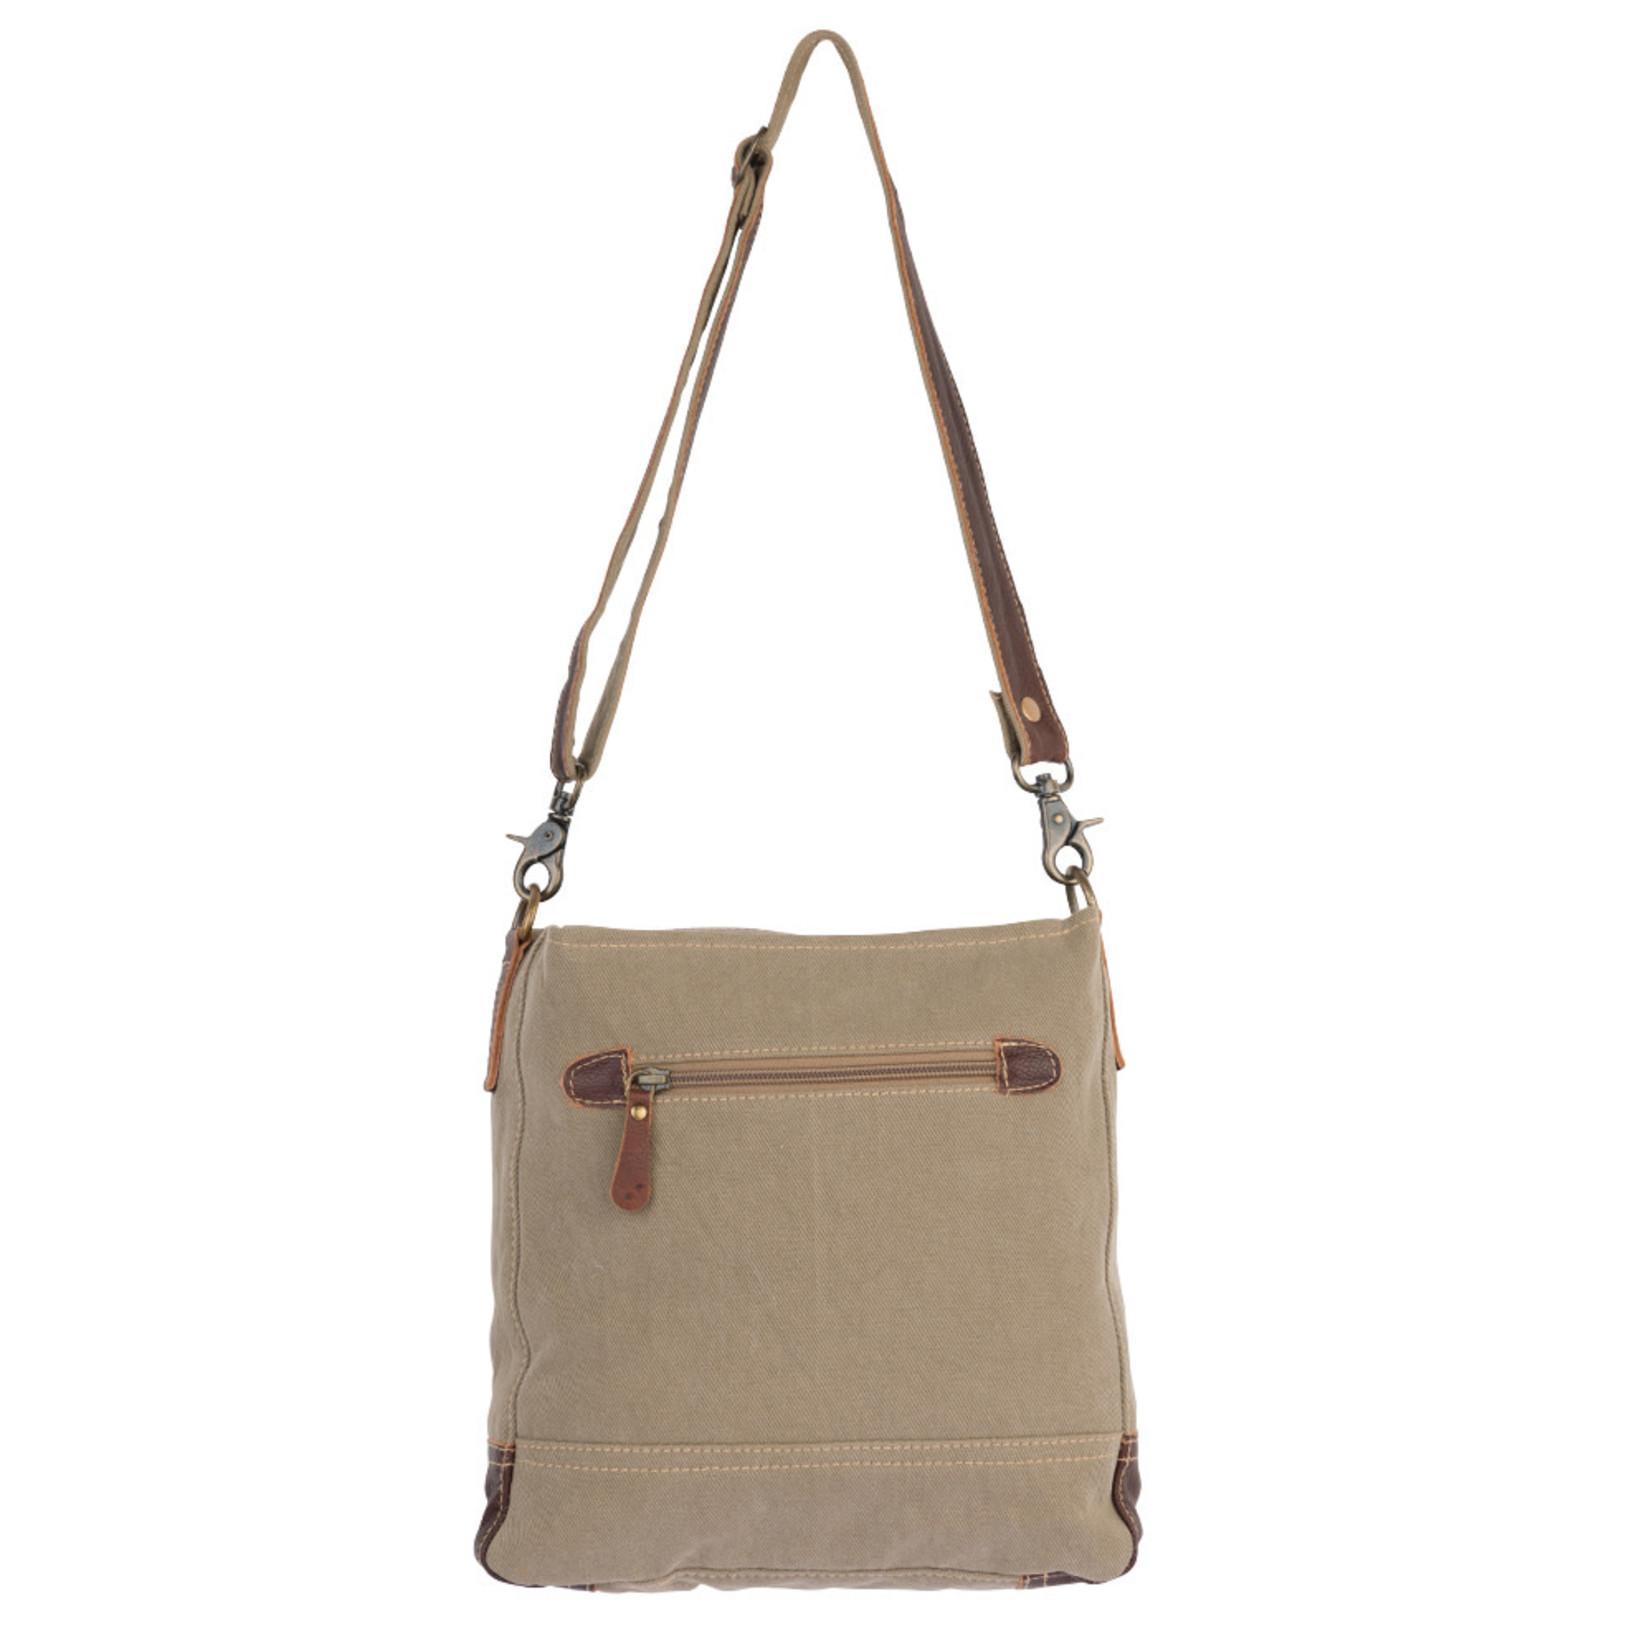 Myra Bags S-2217 Love Shoulder Bag